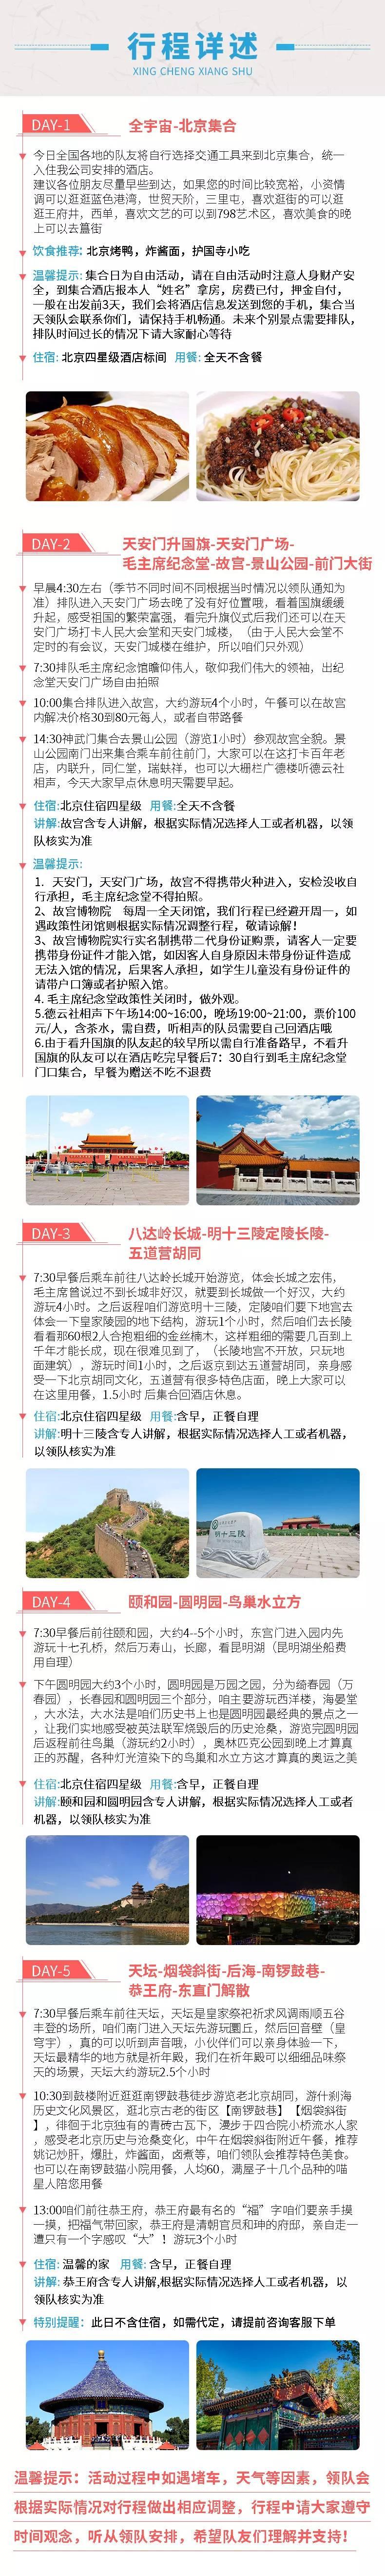 (8)文化古都 皇城之都 尽在北京-户外活动图-驼铃网